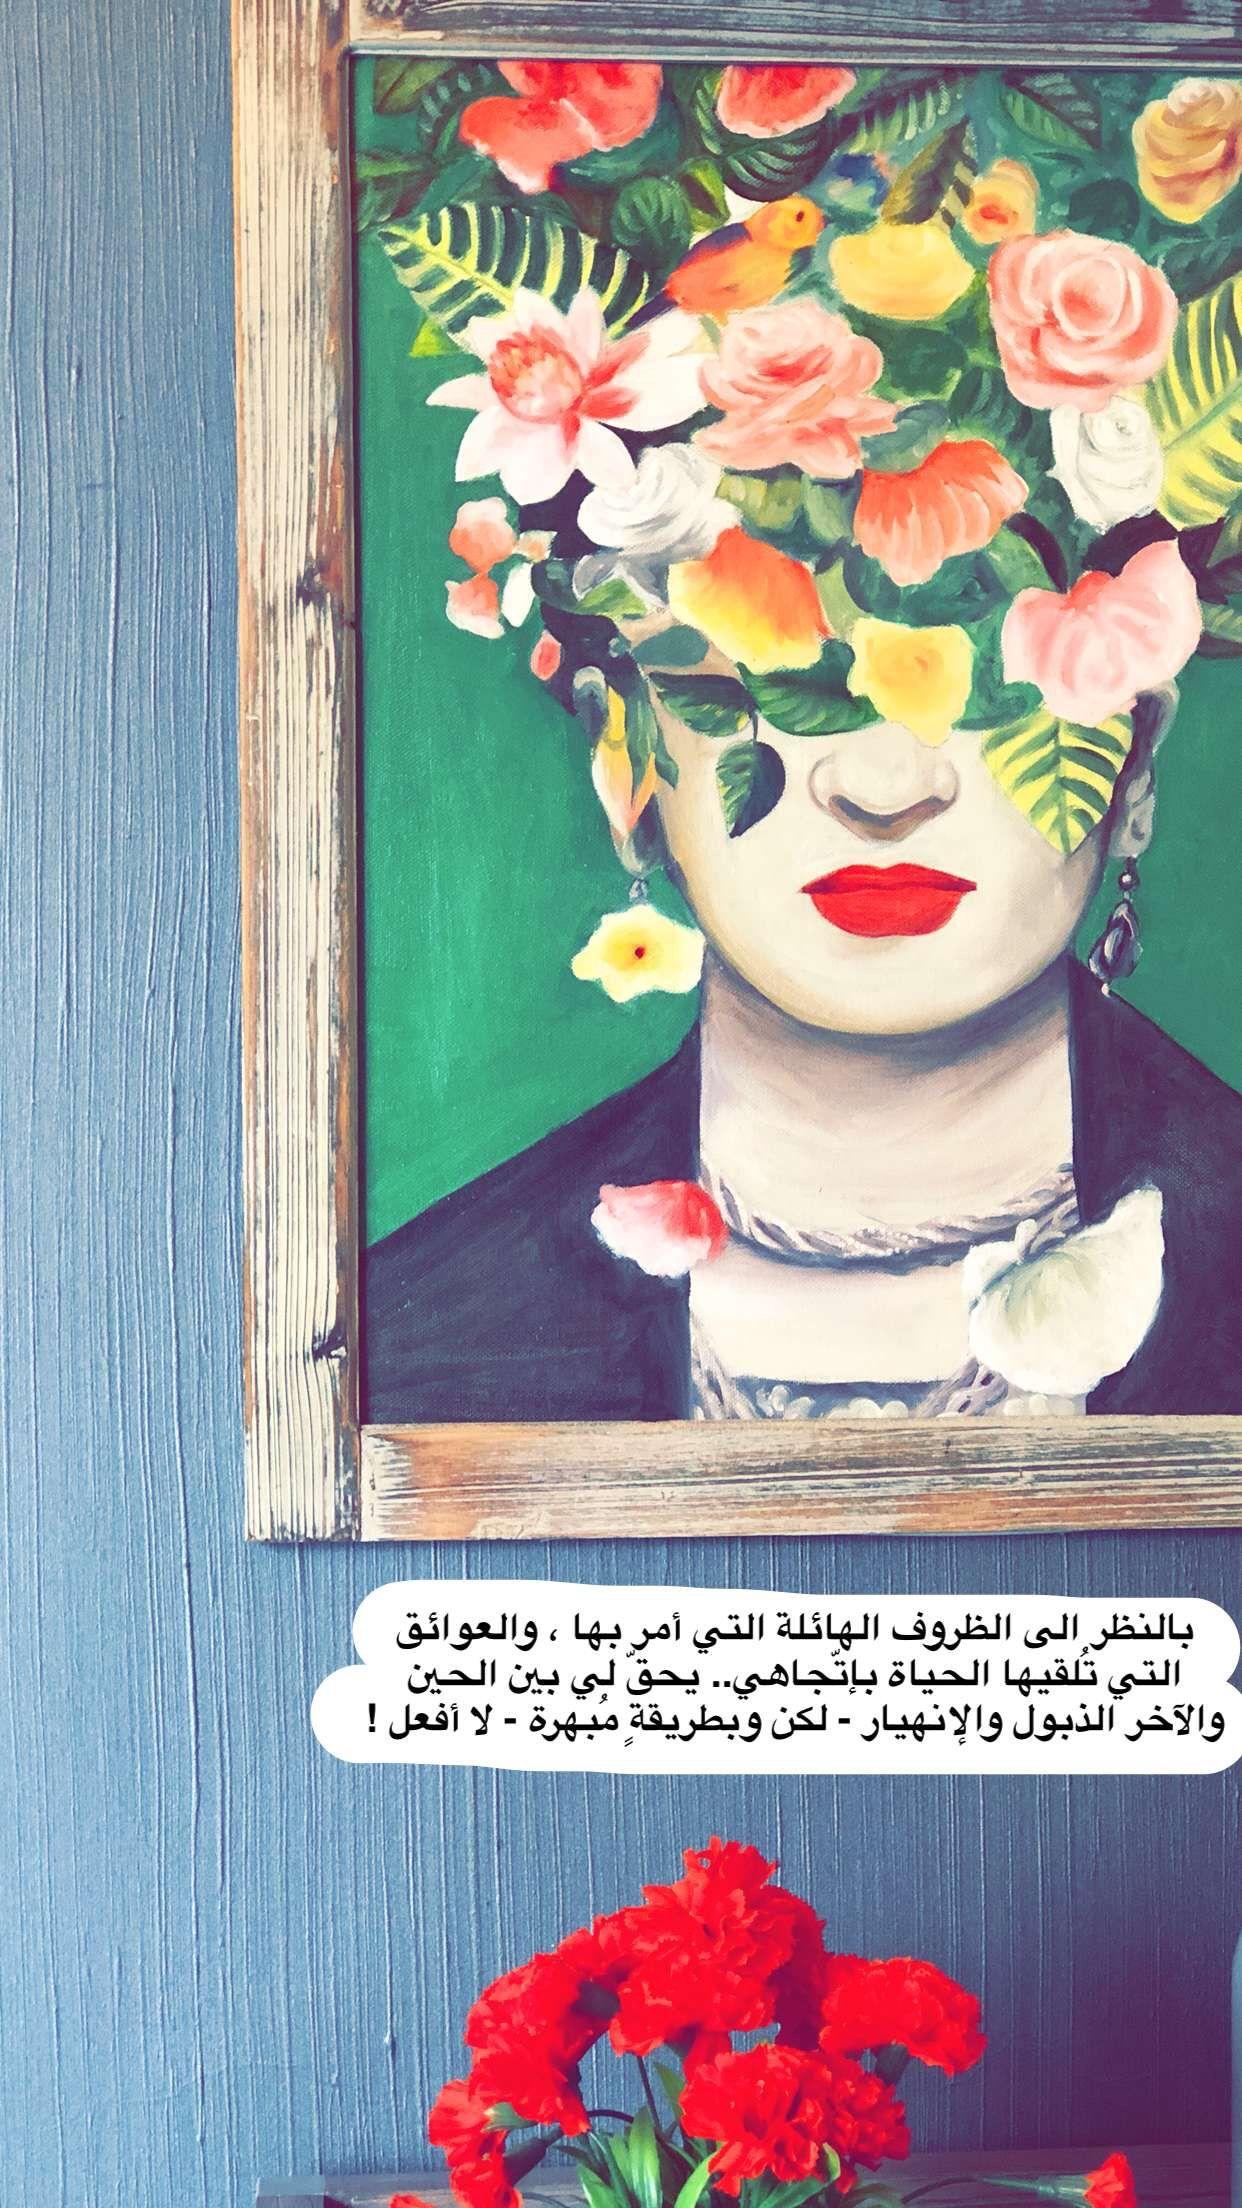 سناب سنابيات سنابي قهوة اقتباس كل هالدنيا أماني Quotes About Photography Beautiful Arabic Words Relationship Goals Text